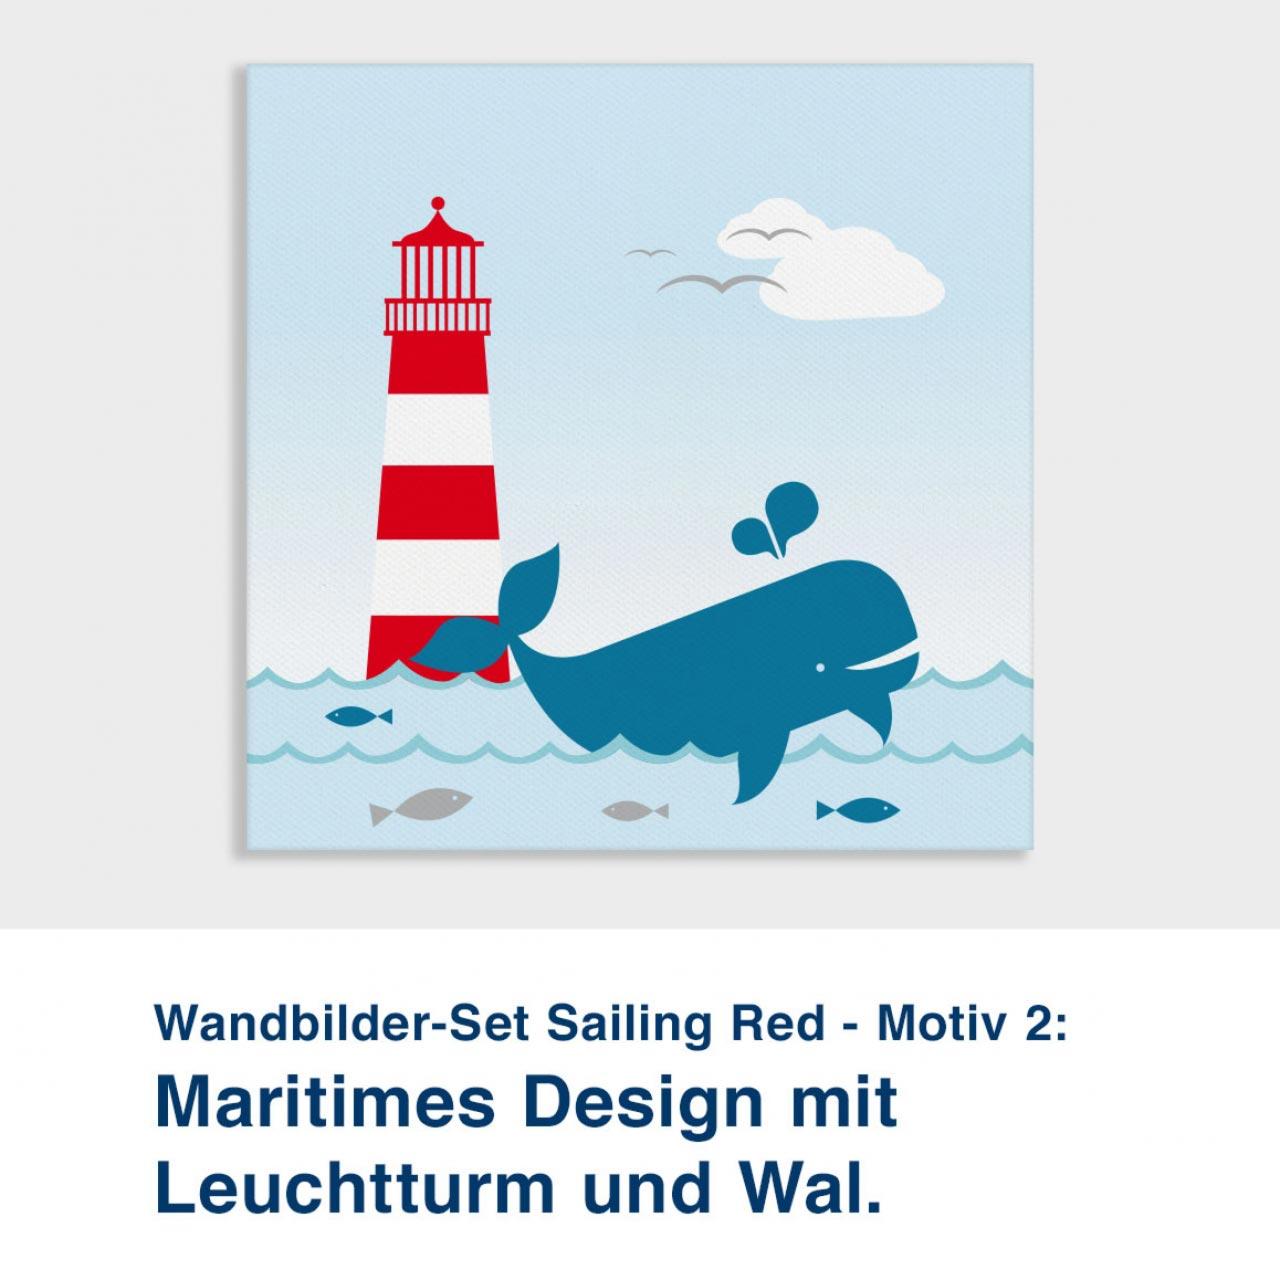 Wandbilder-Set Sailing Red - Motiv 2:  Maritimes Design mit  Leuchtturm und Wal.